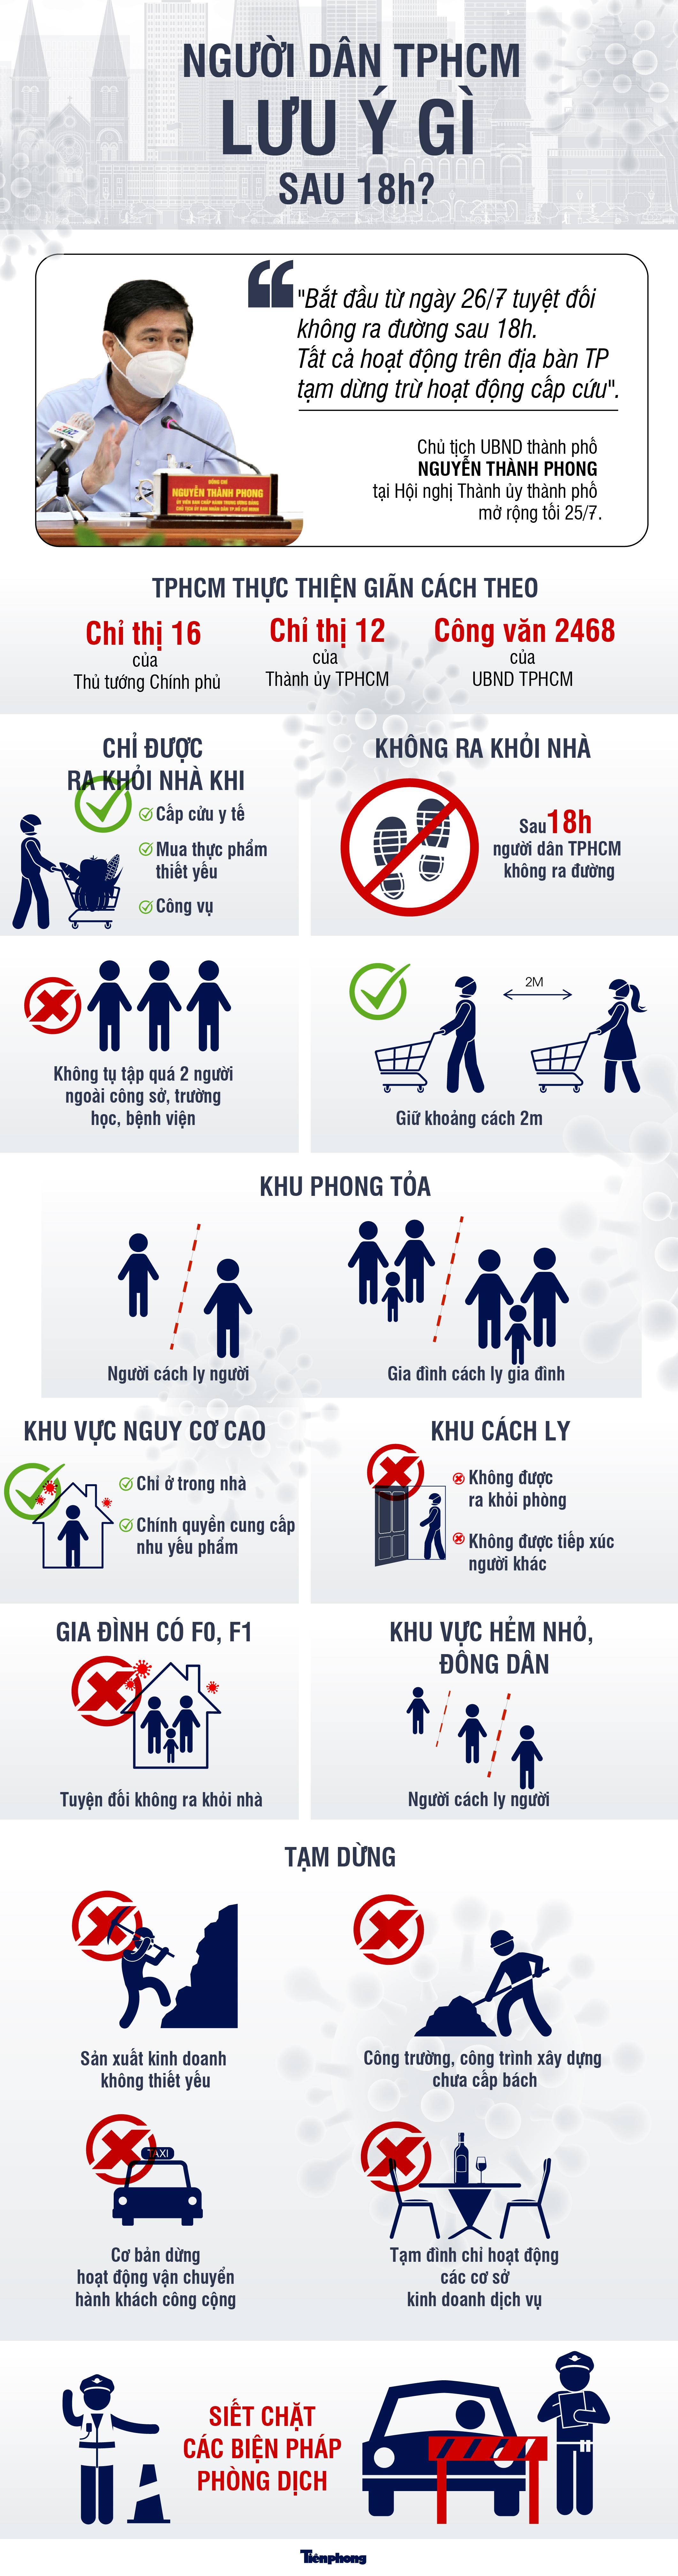 Infographic: Người dân TPHCM cần lưu ý gì sau 18h? - 1